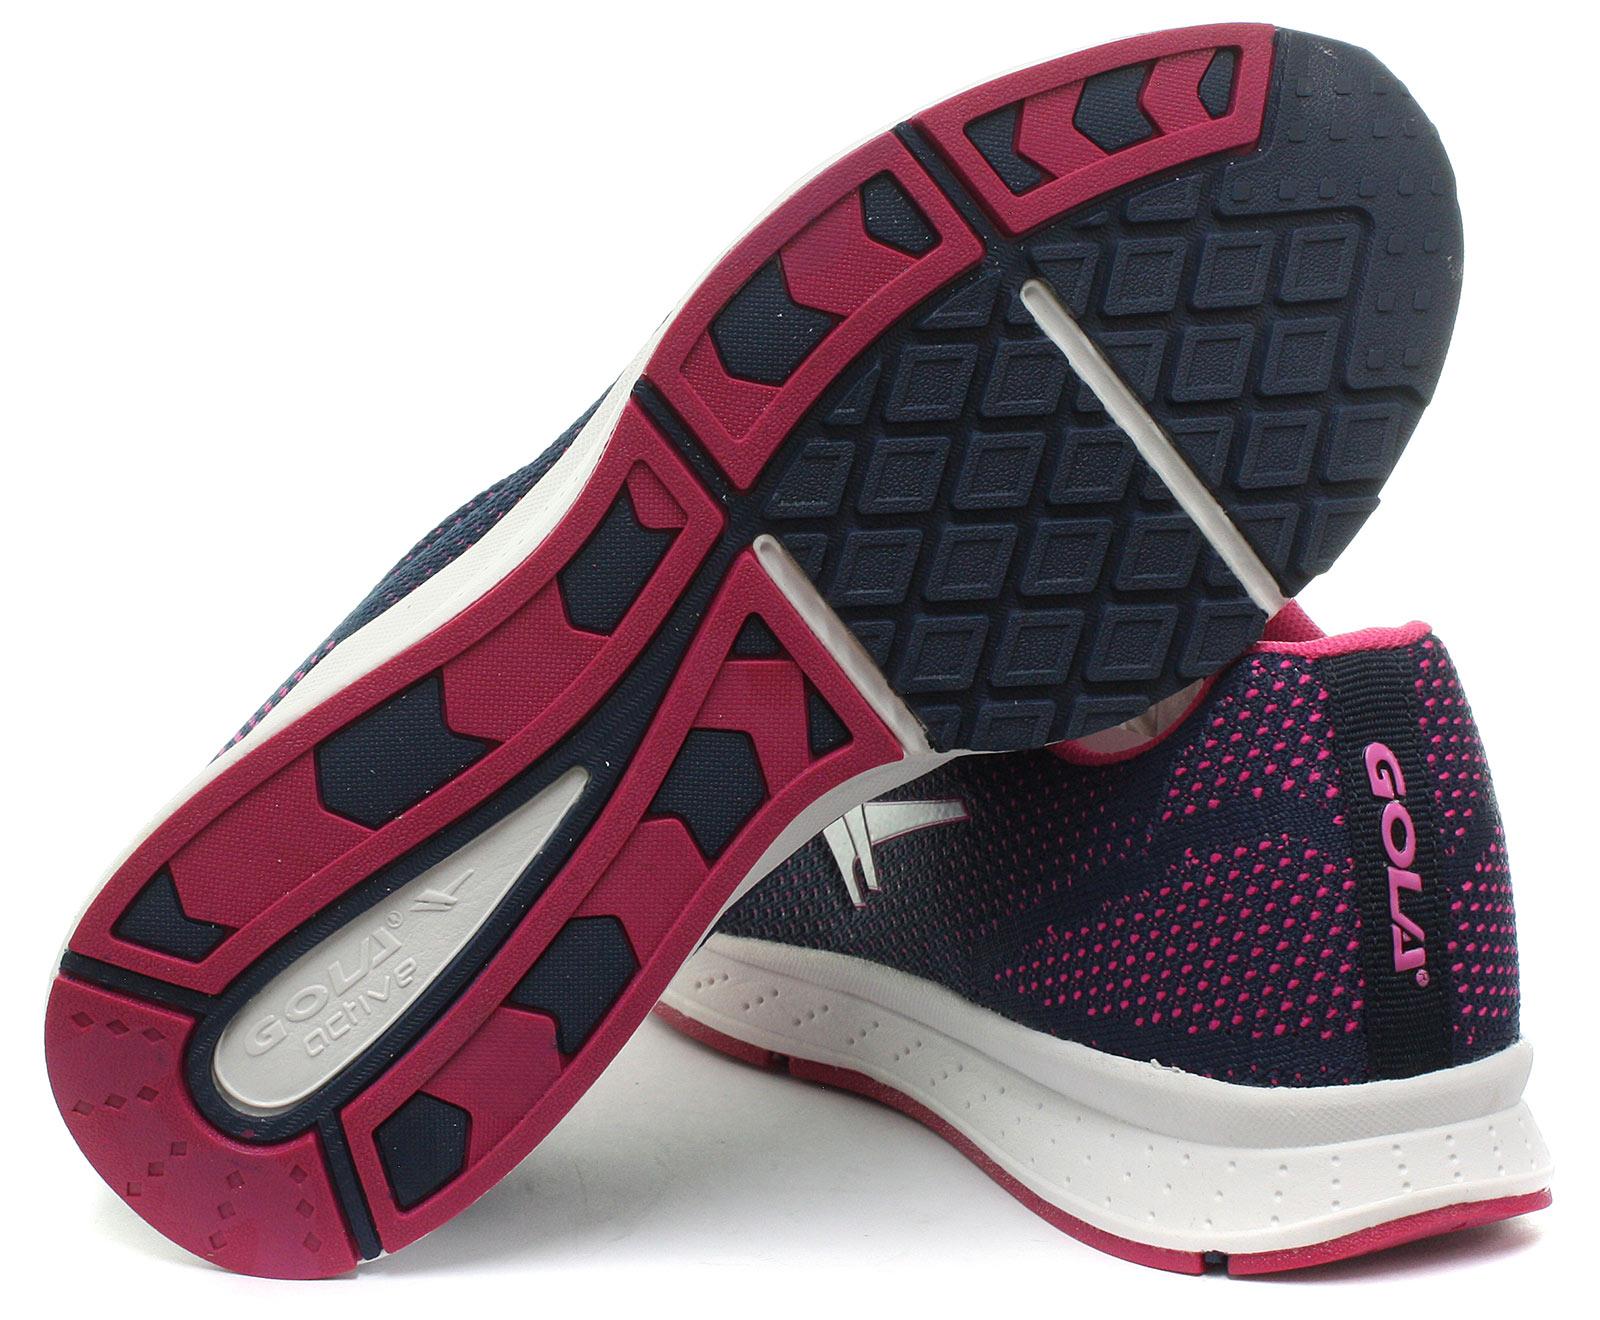 Neu Gola Active Zenith 2 Damen Laufschuh/Trailschuhe Alle und Größen und Alle Farben 671992